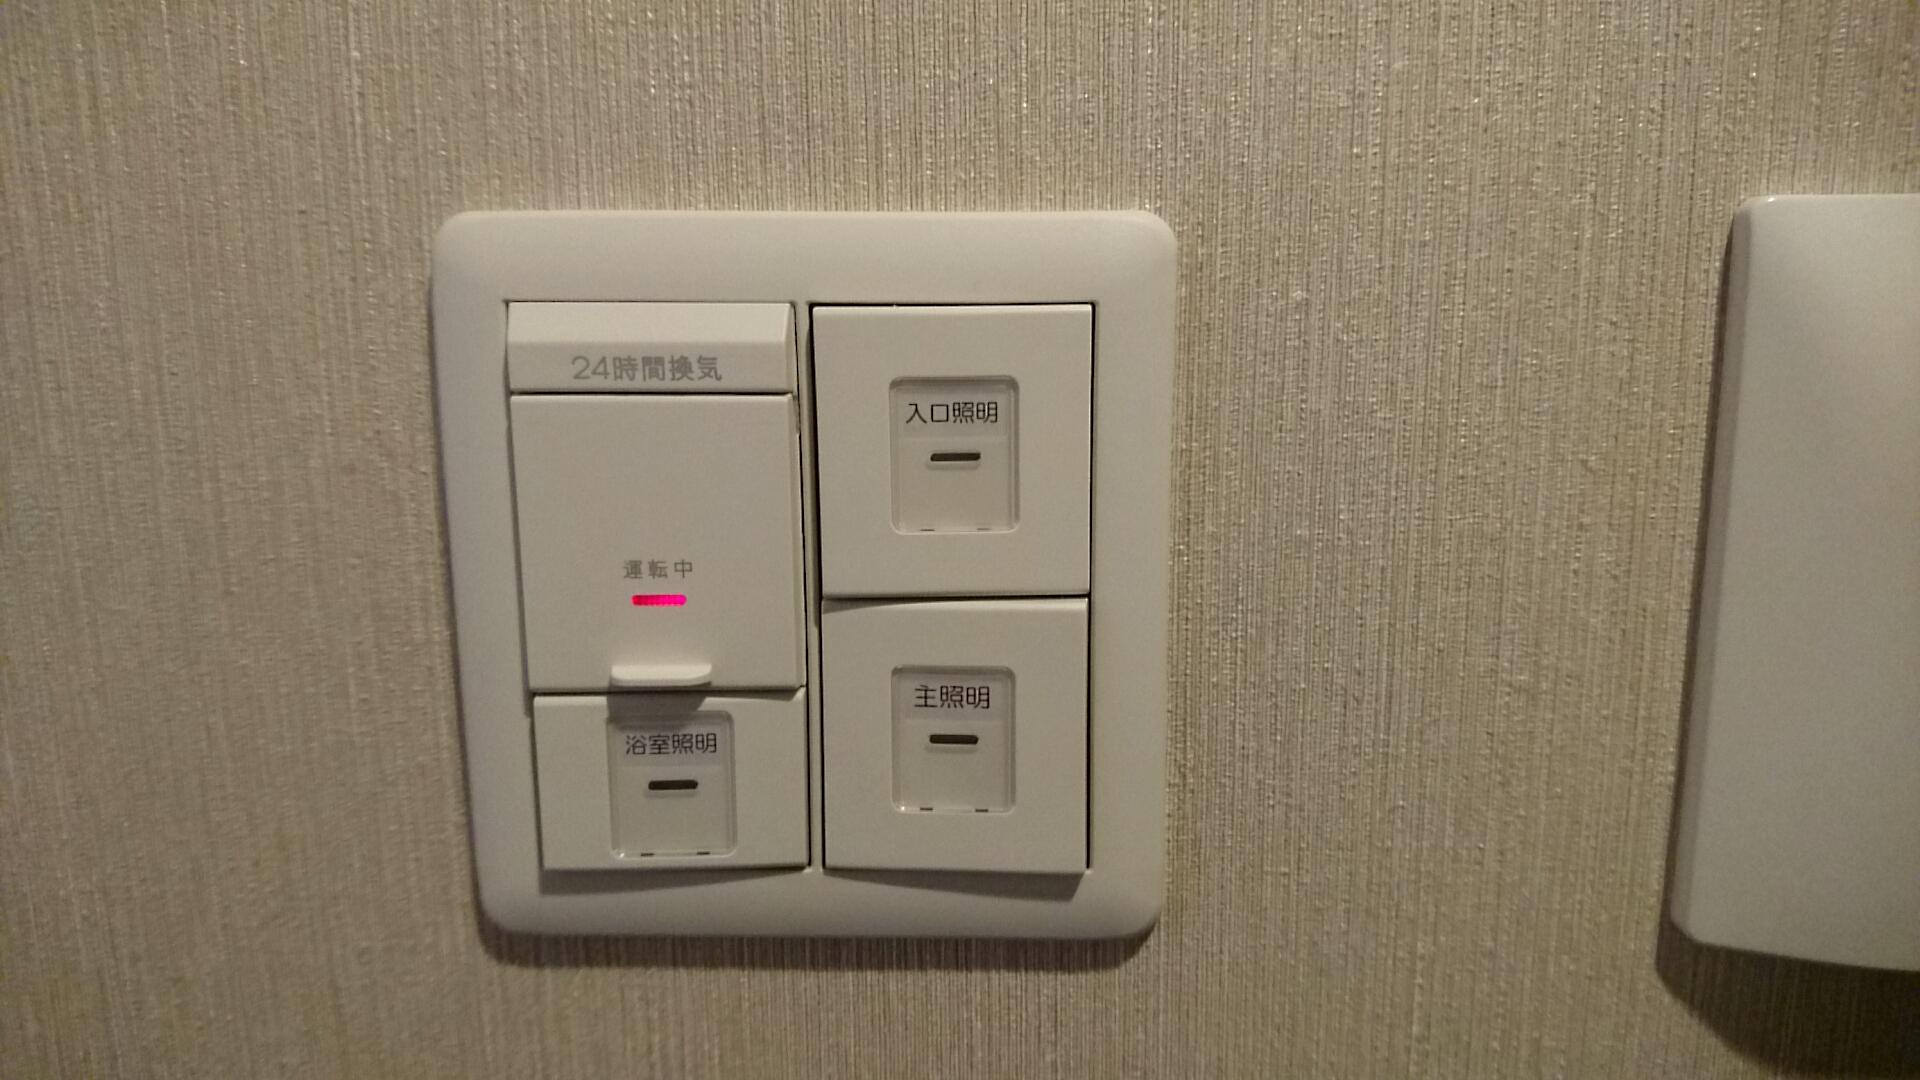 各照明スイッチ